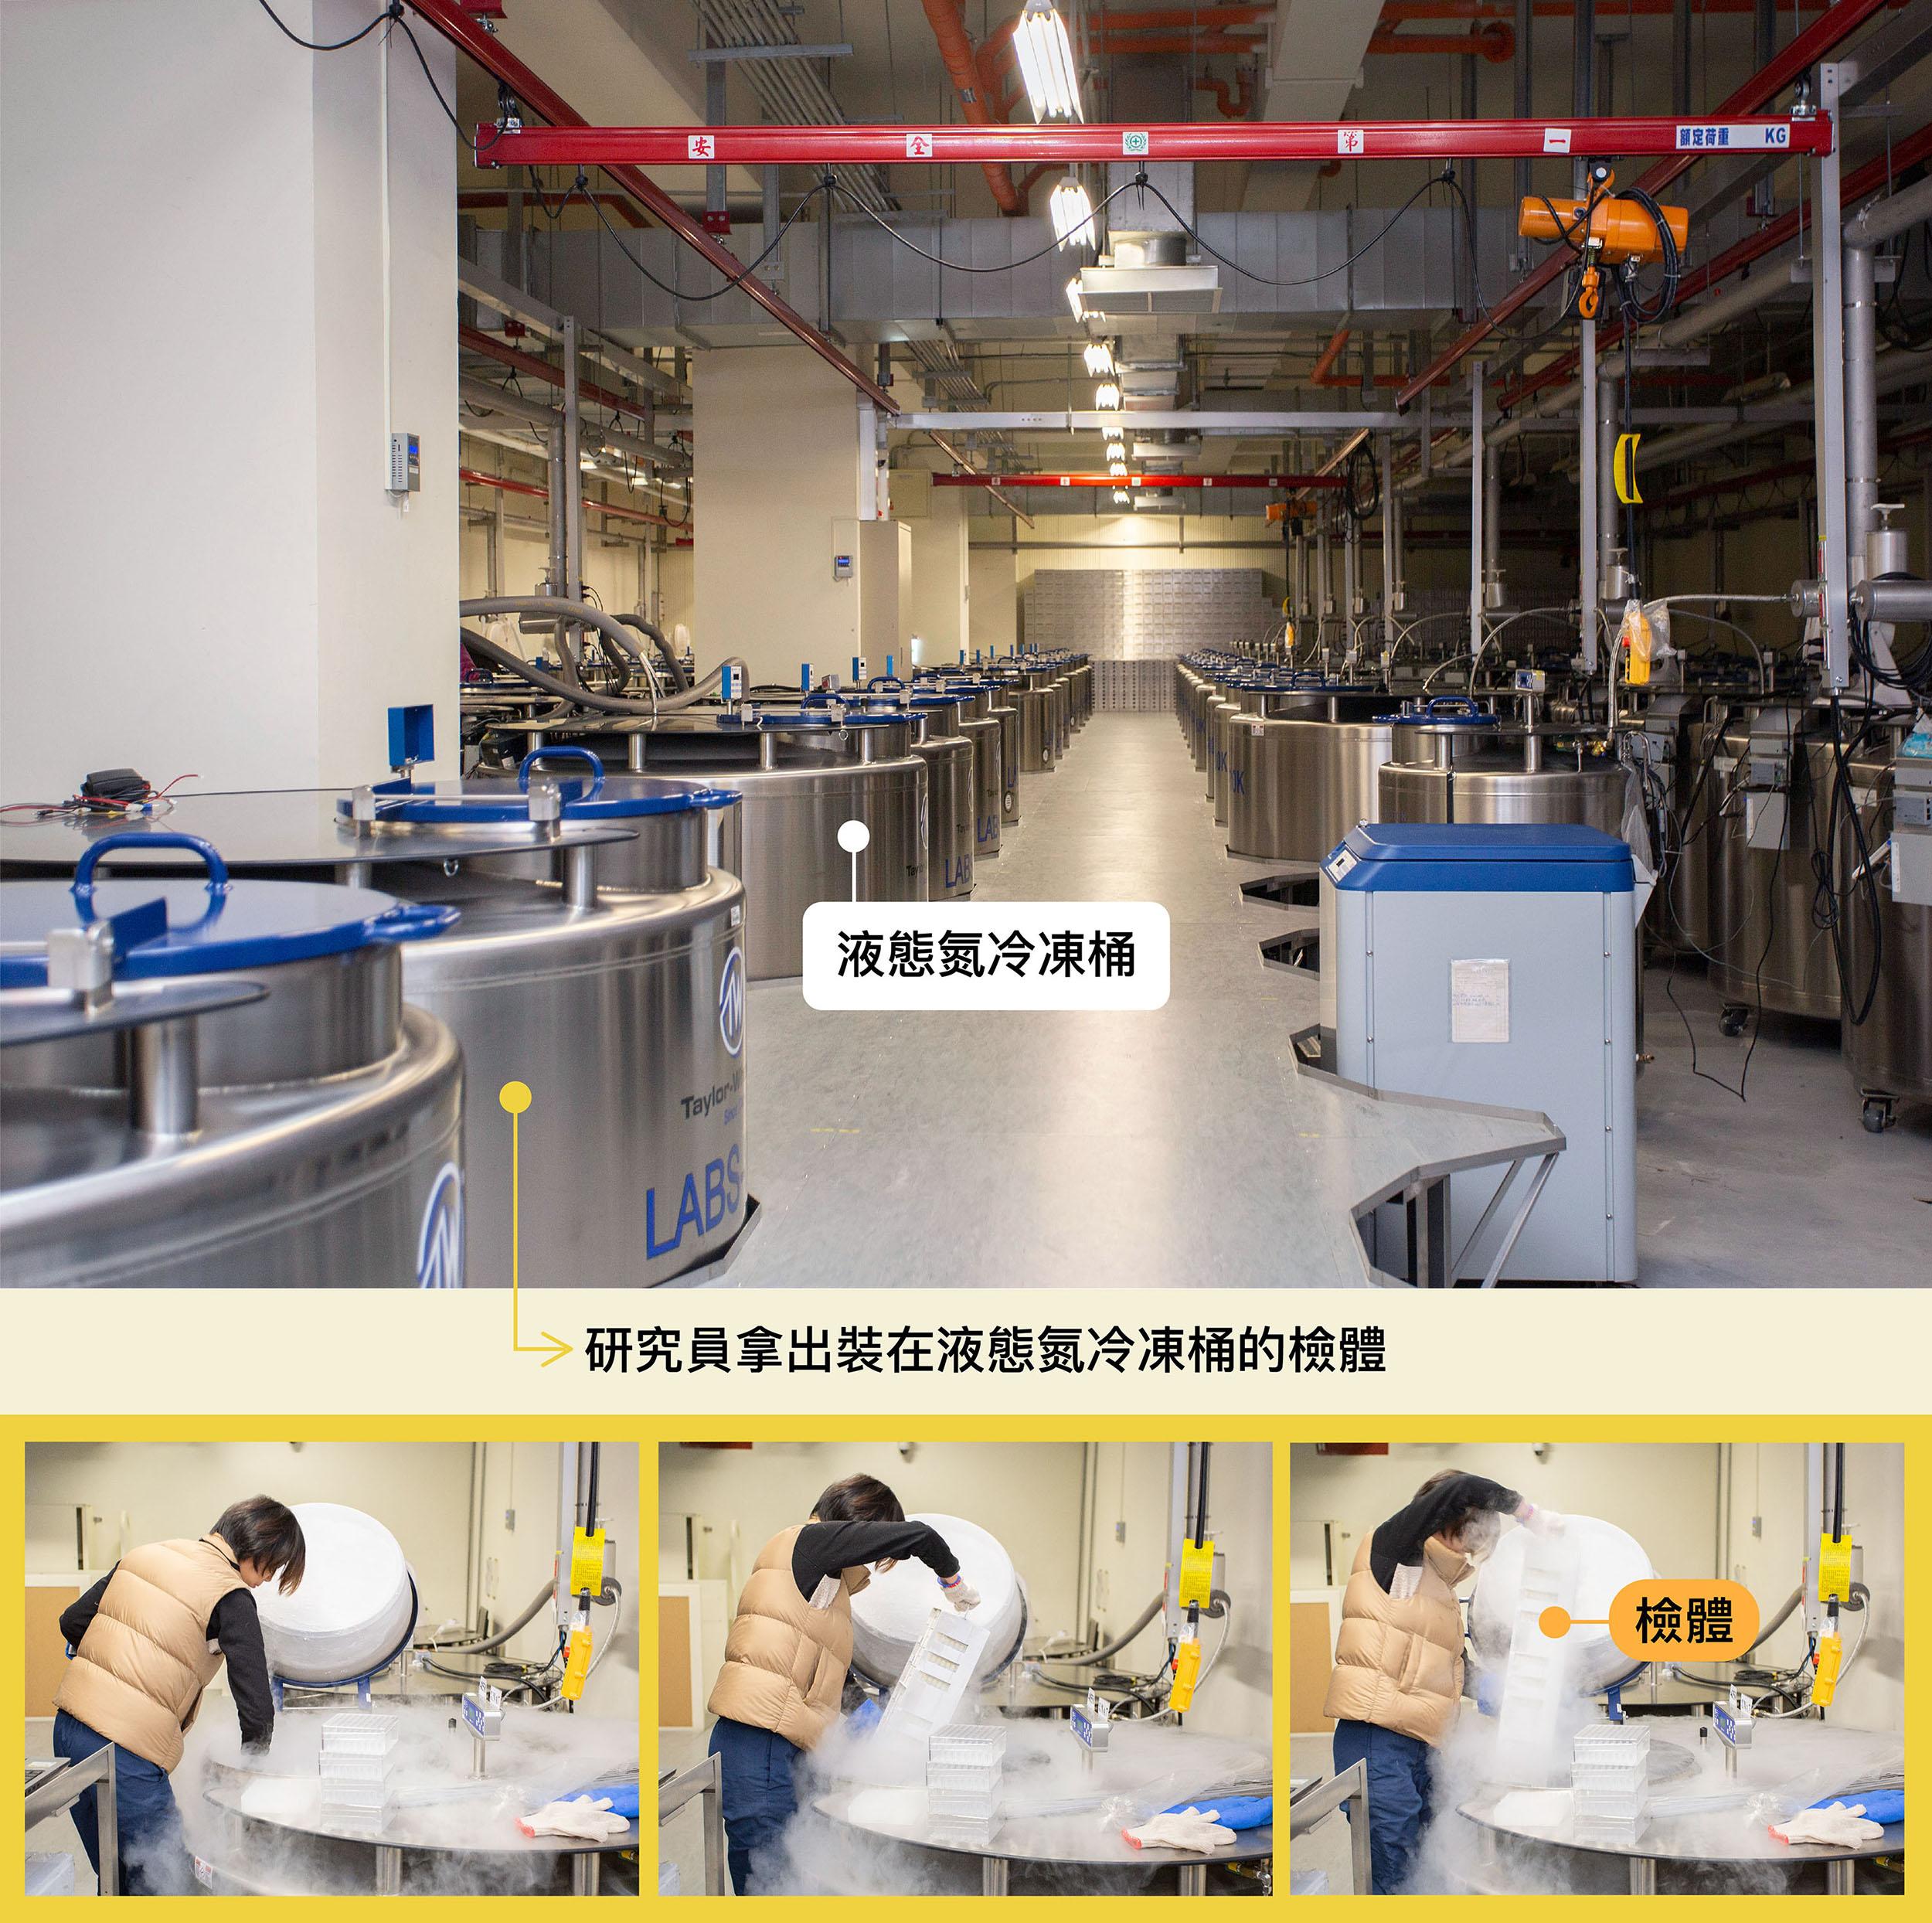 珍貴的檢體裝在冷凍管,部分儲存在攝氏零下 180 度液態氮冷凍桶中,檢體總數量已達三百萬管。圖│研之有物